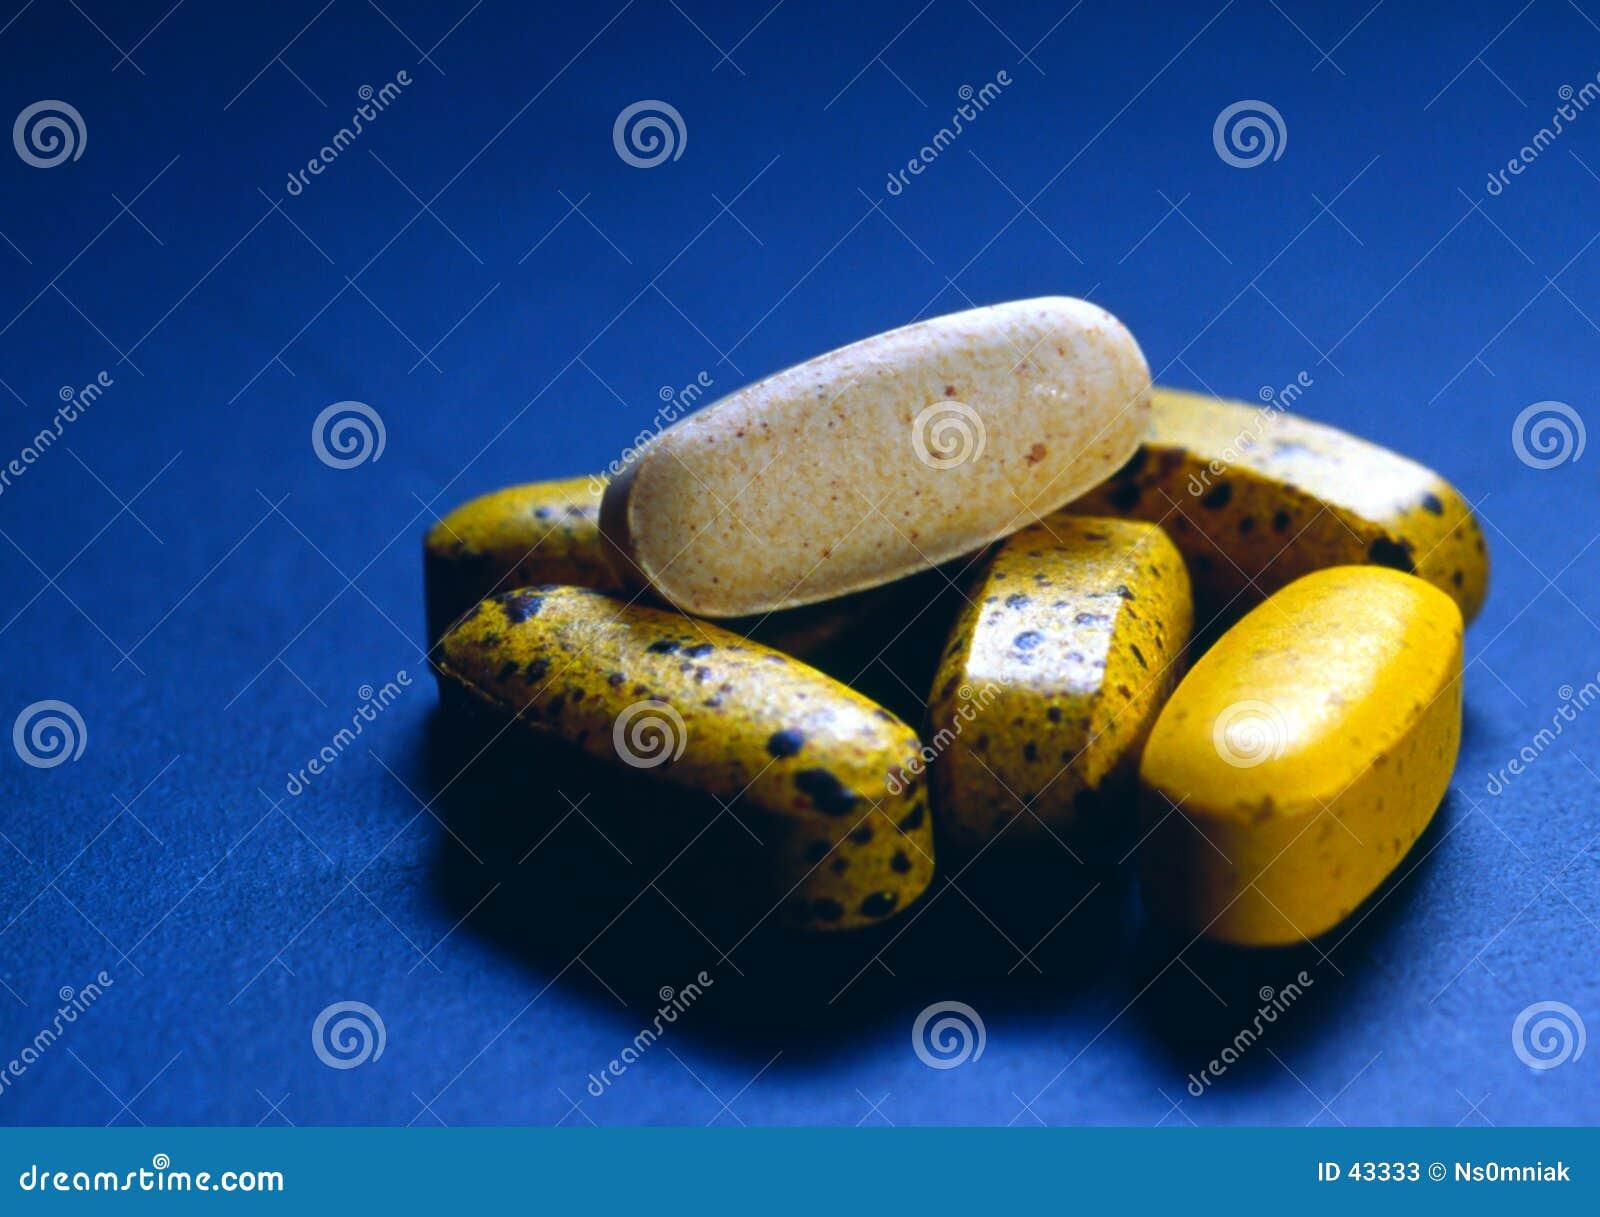 Nehmen Sie Ihre Vitamine